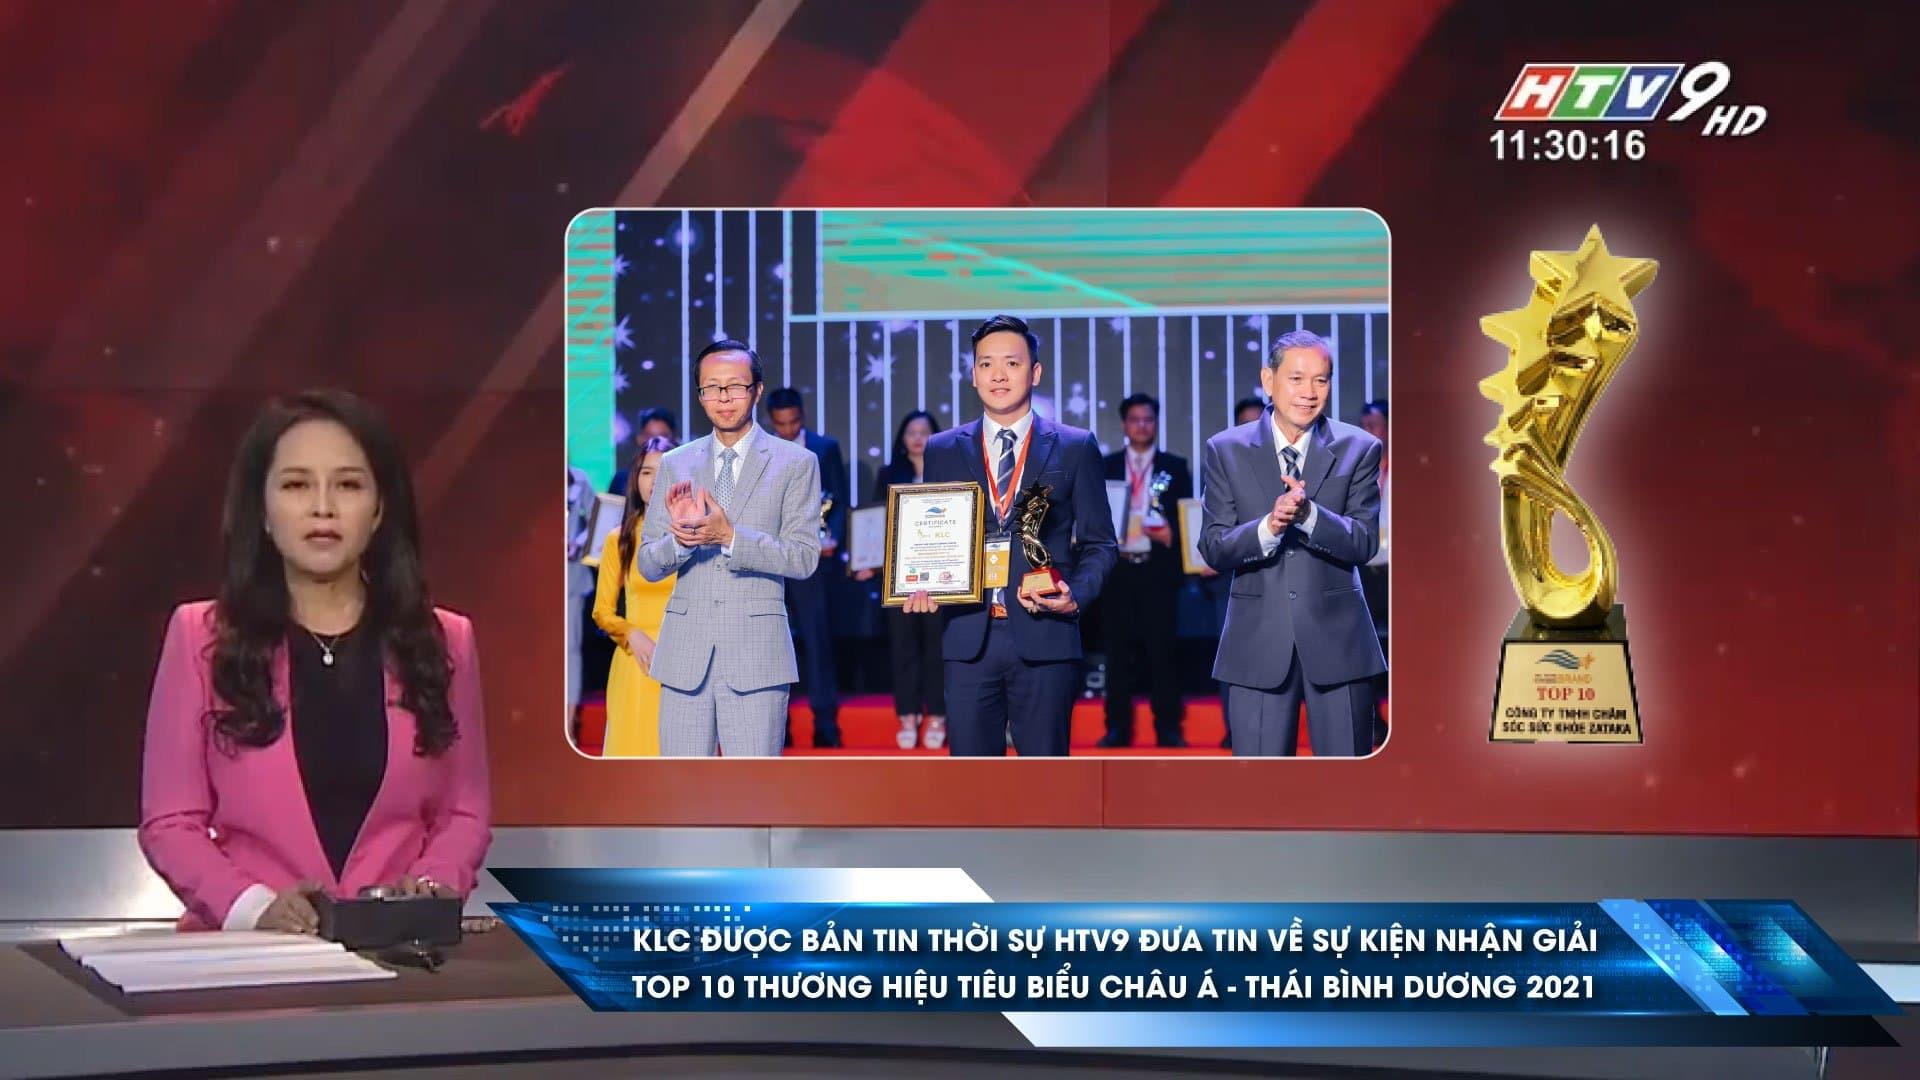 HTV9 dua tin Ghế massage KLC